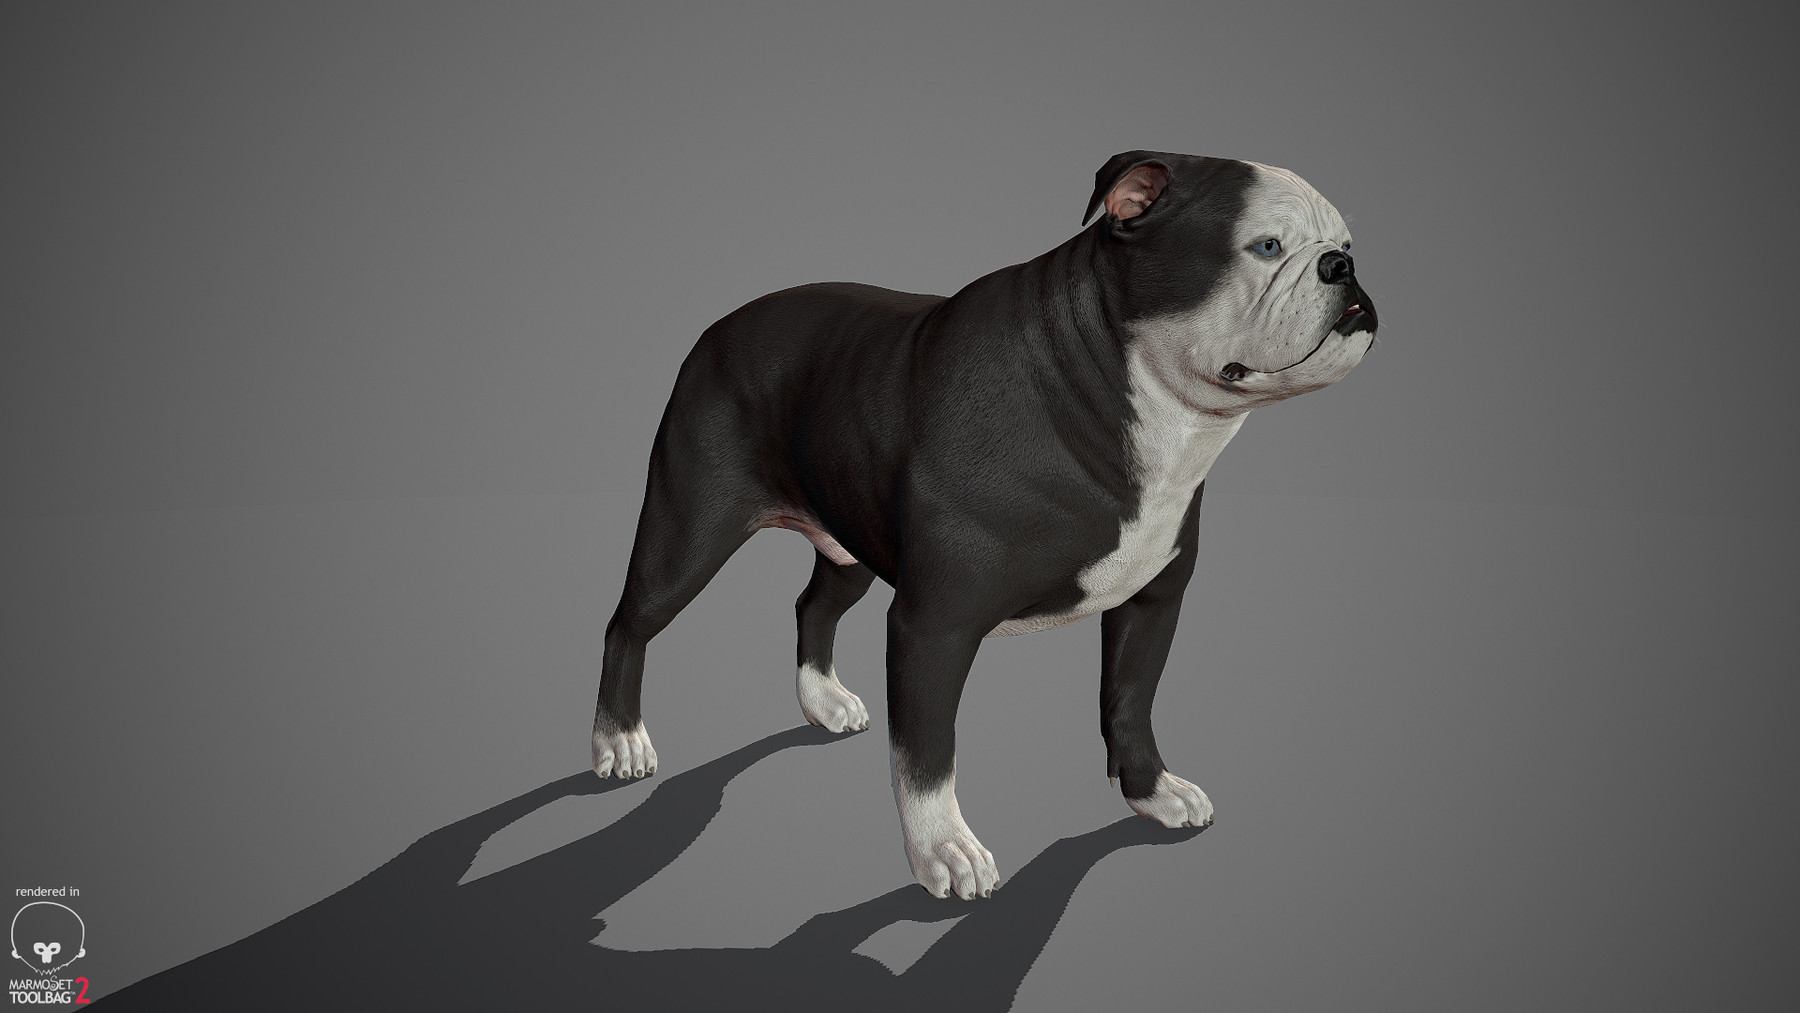 Englishbulldog by alexlashko marmoset 15